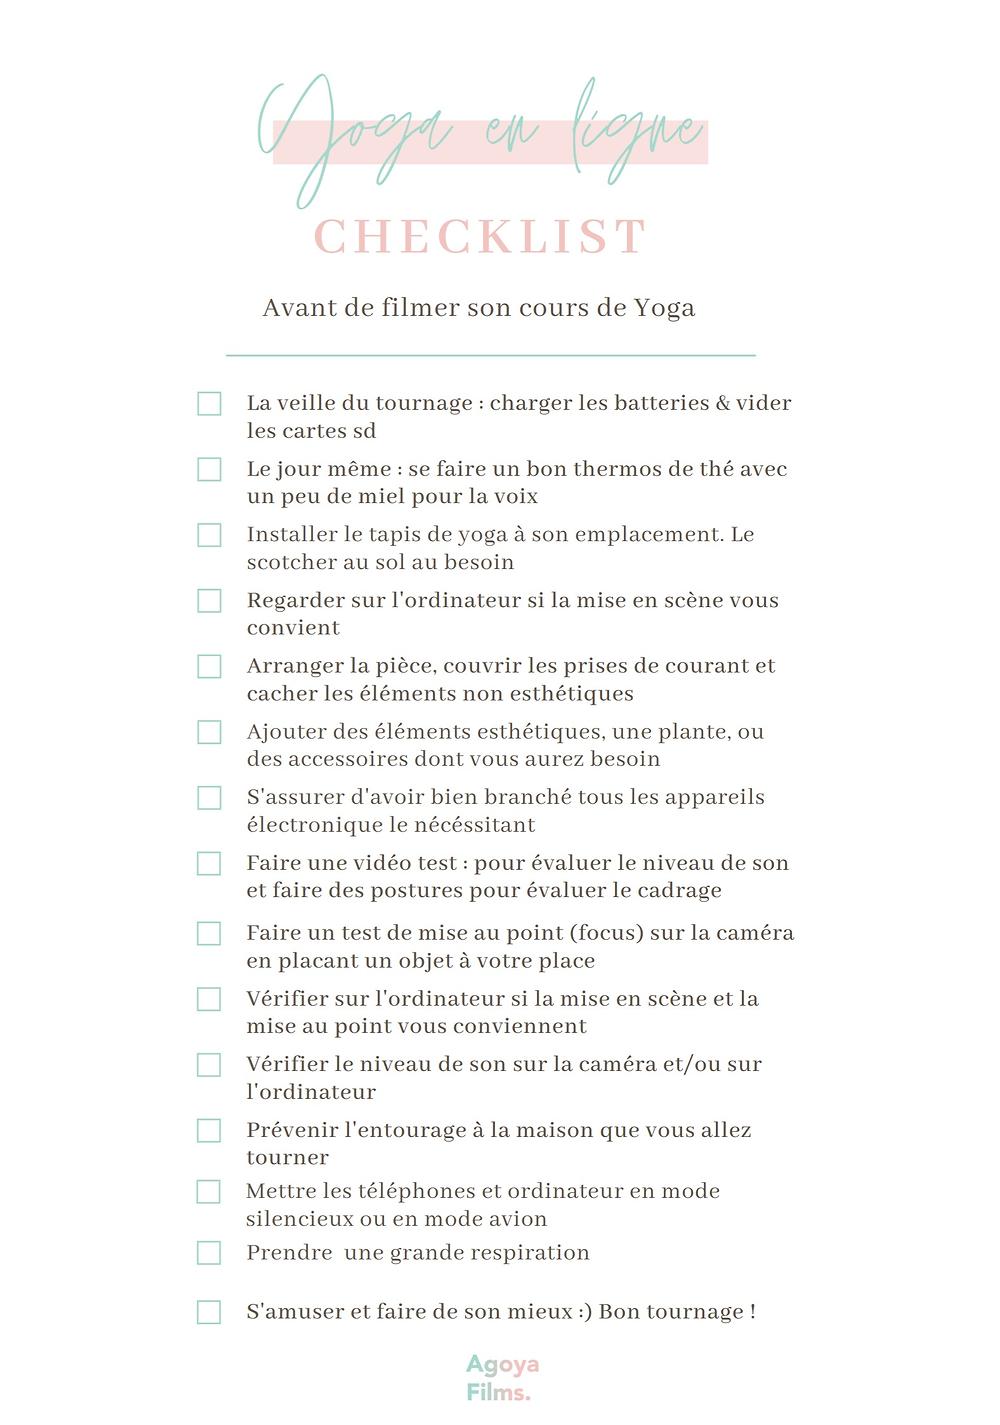 Liste Aide-Mémoire des éléments à vérifier  juste avant de tourner un cours de oyoga en ligne